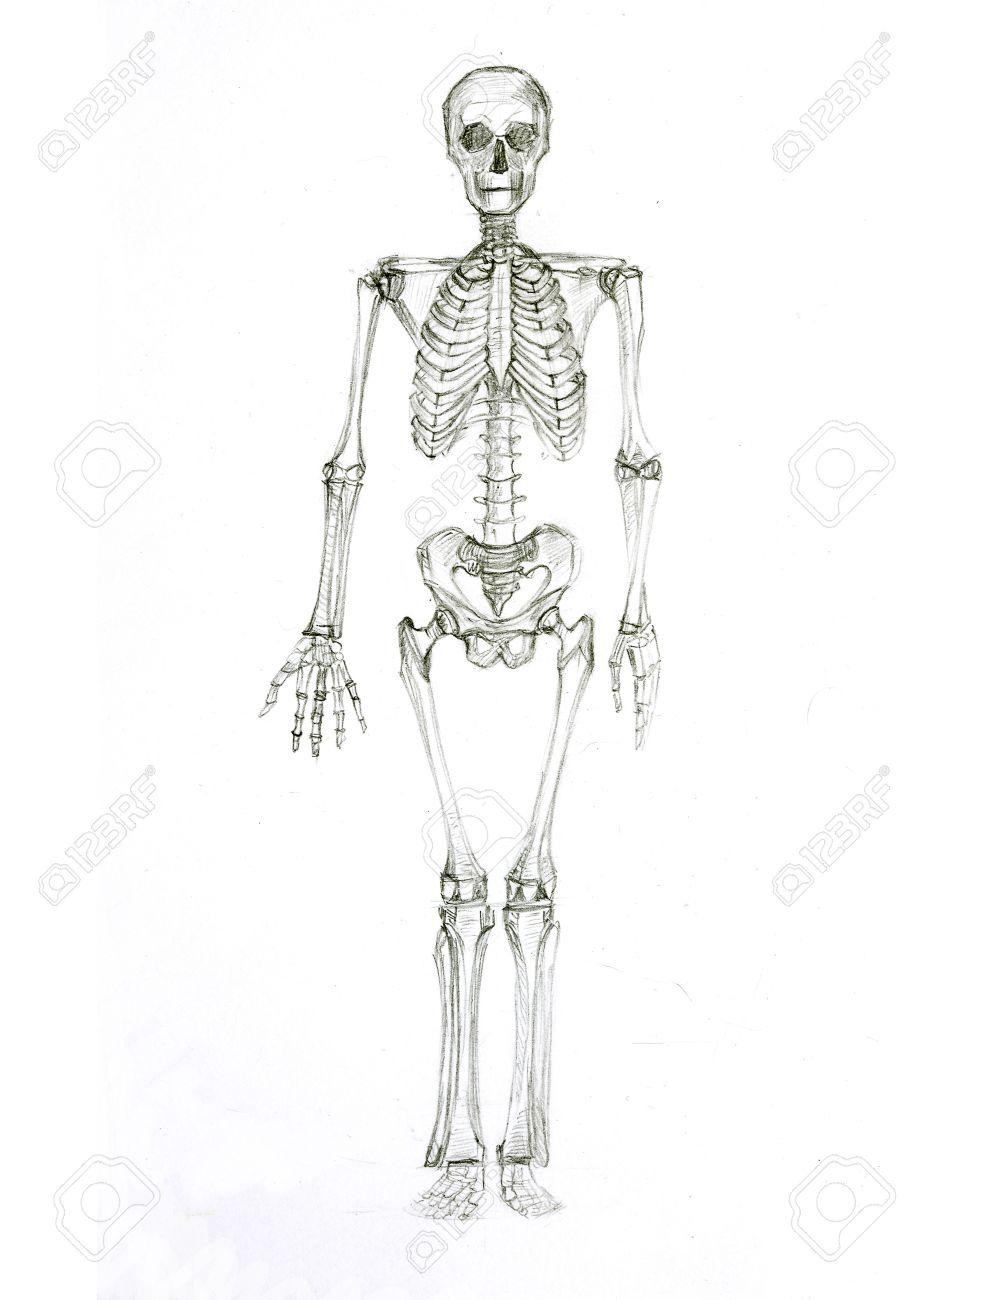 Dibujo A Lápiz De Un Esqueleto Fotos, Retratos, Imágenes Y ...